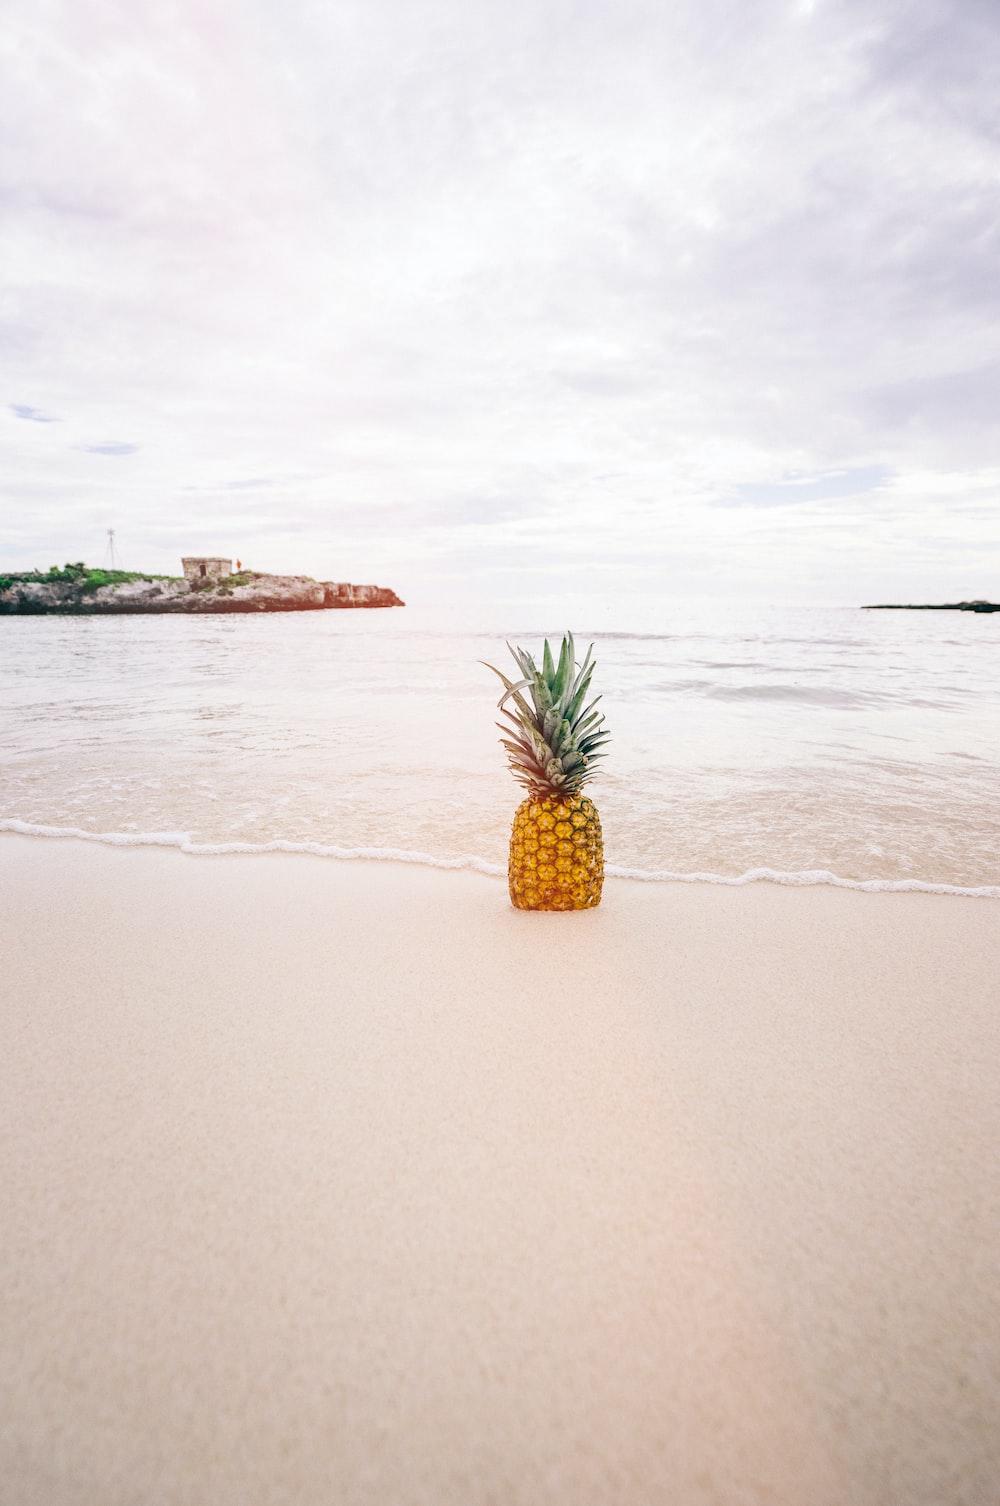 pineapple on sand near beach